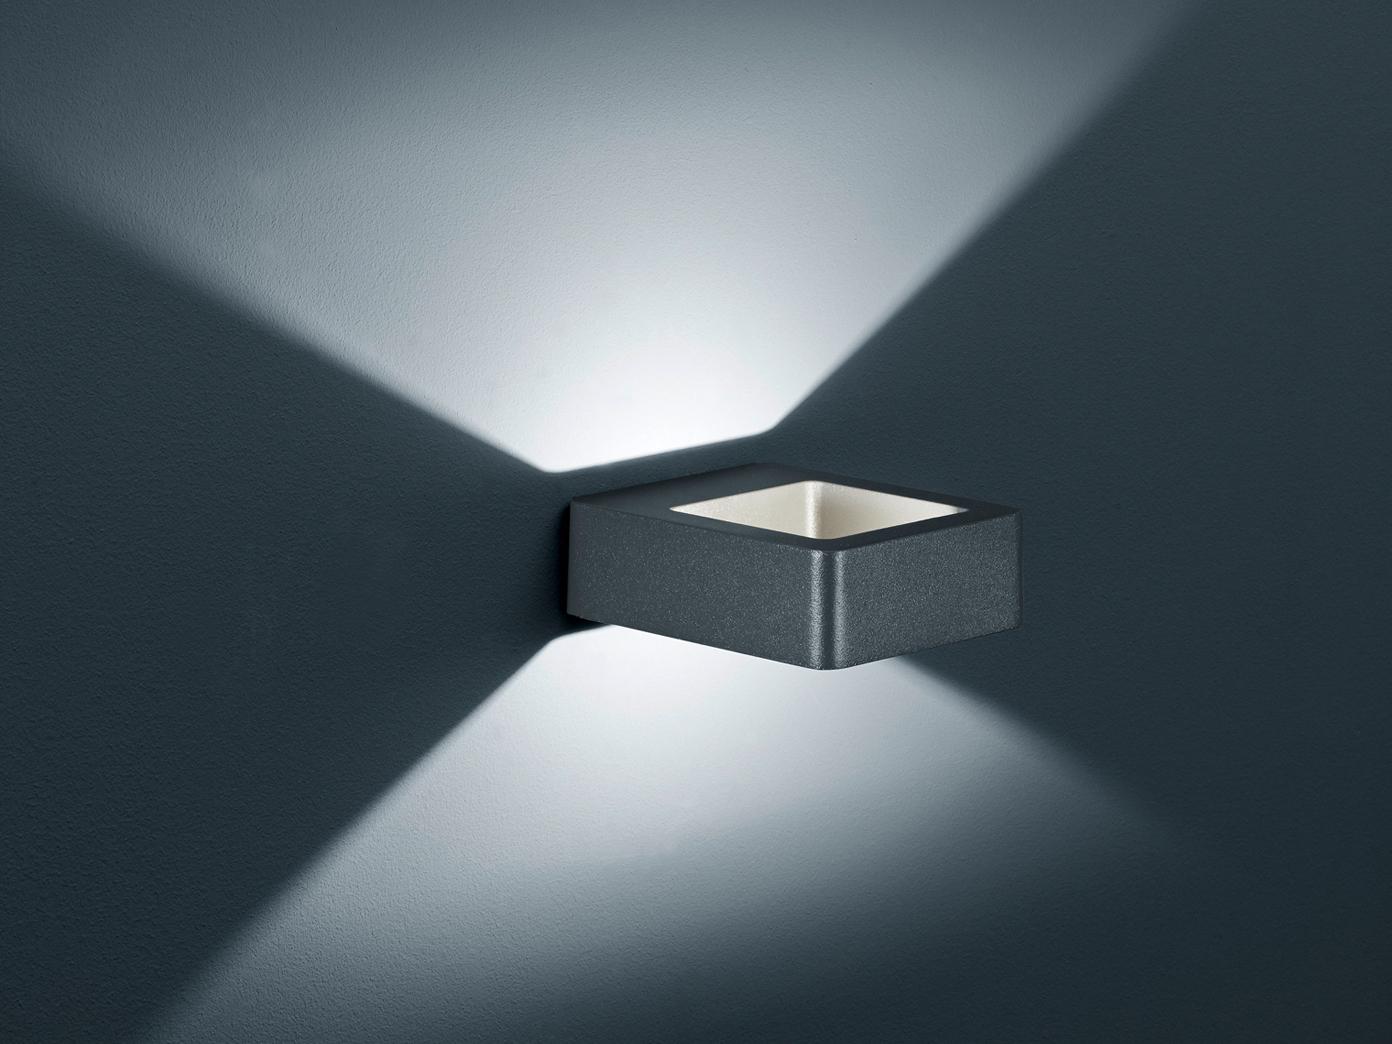 Top Eckige LED Außenwandleuchte Anthrazit - Außenleuchten für Hauswand ZK81